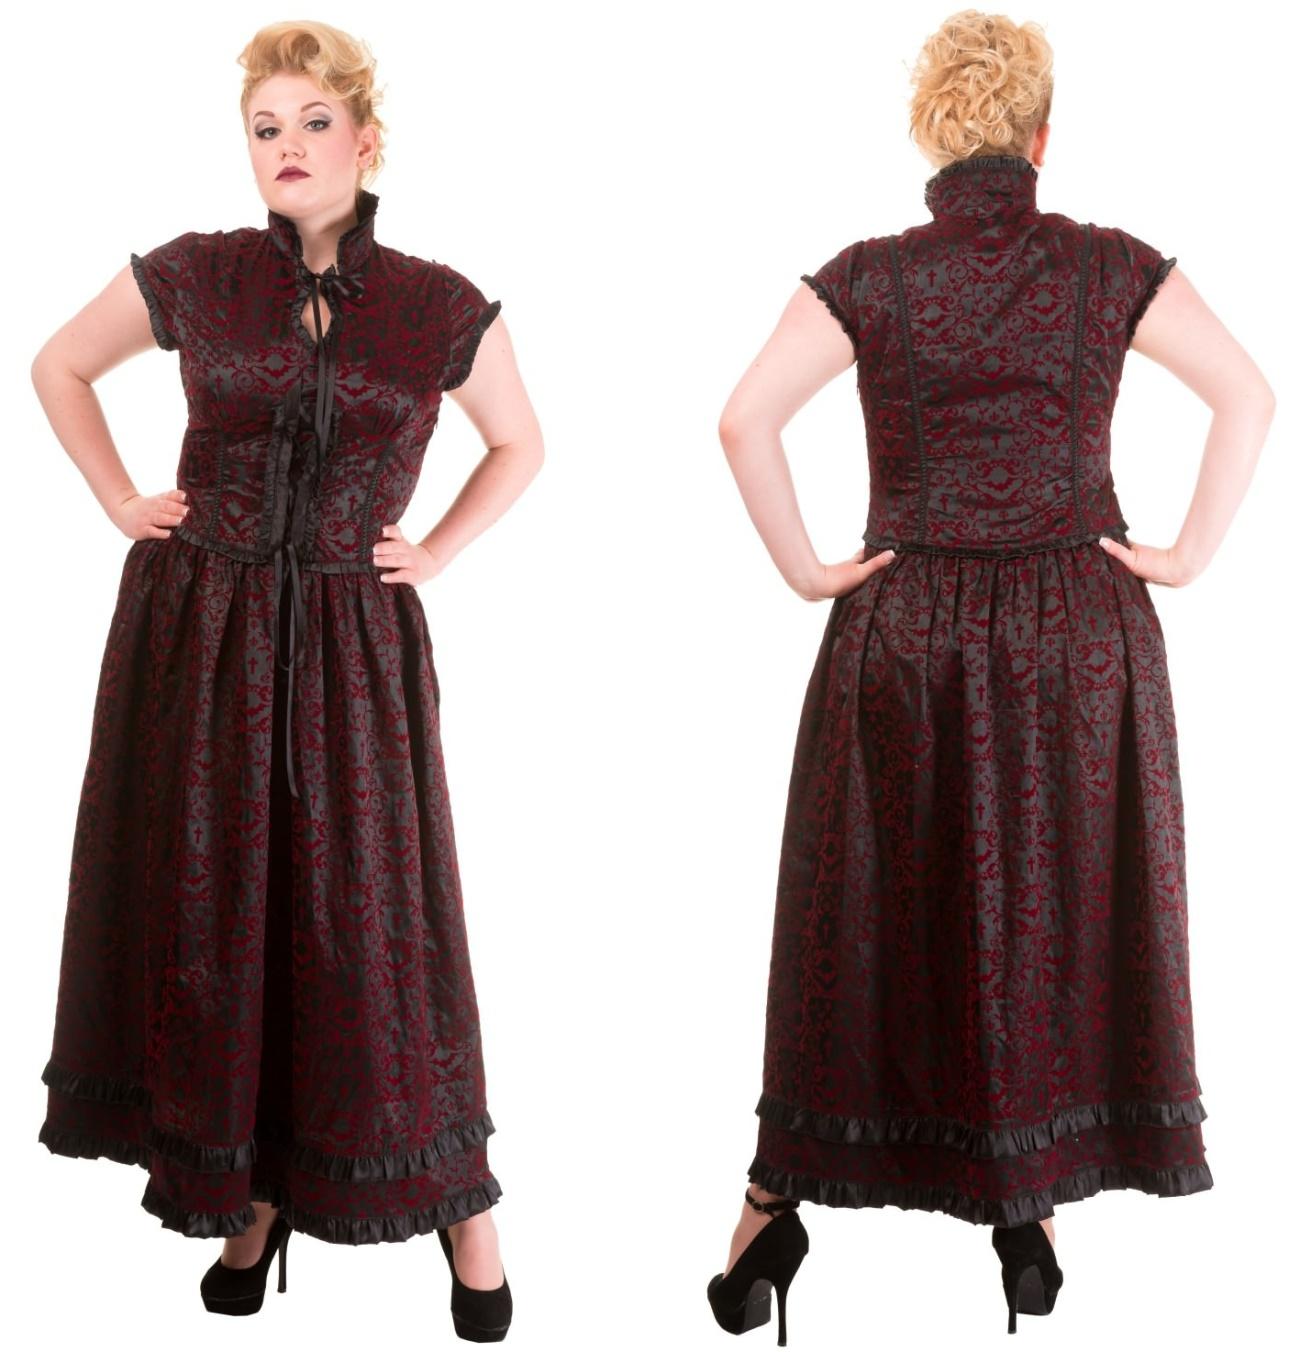 Vintage Gothic Kleid Vine Übergröße Banned - Banned Clothing Kleider ...